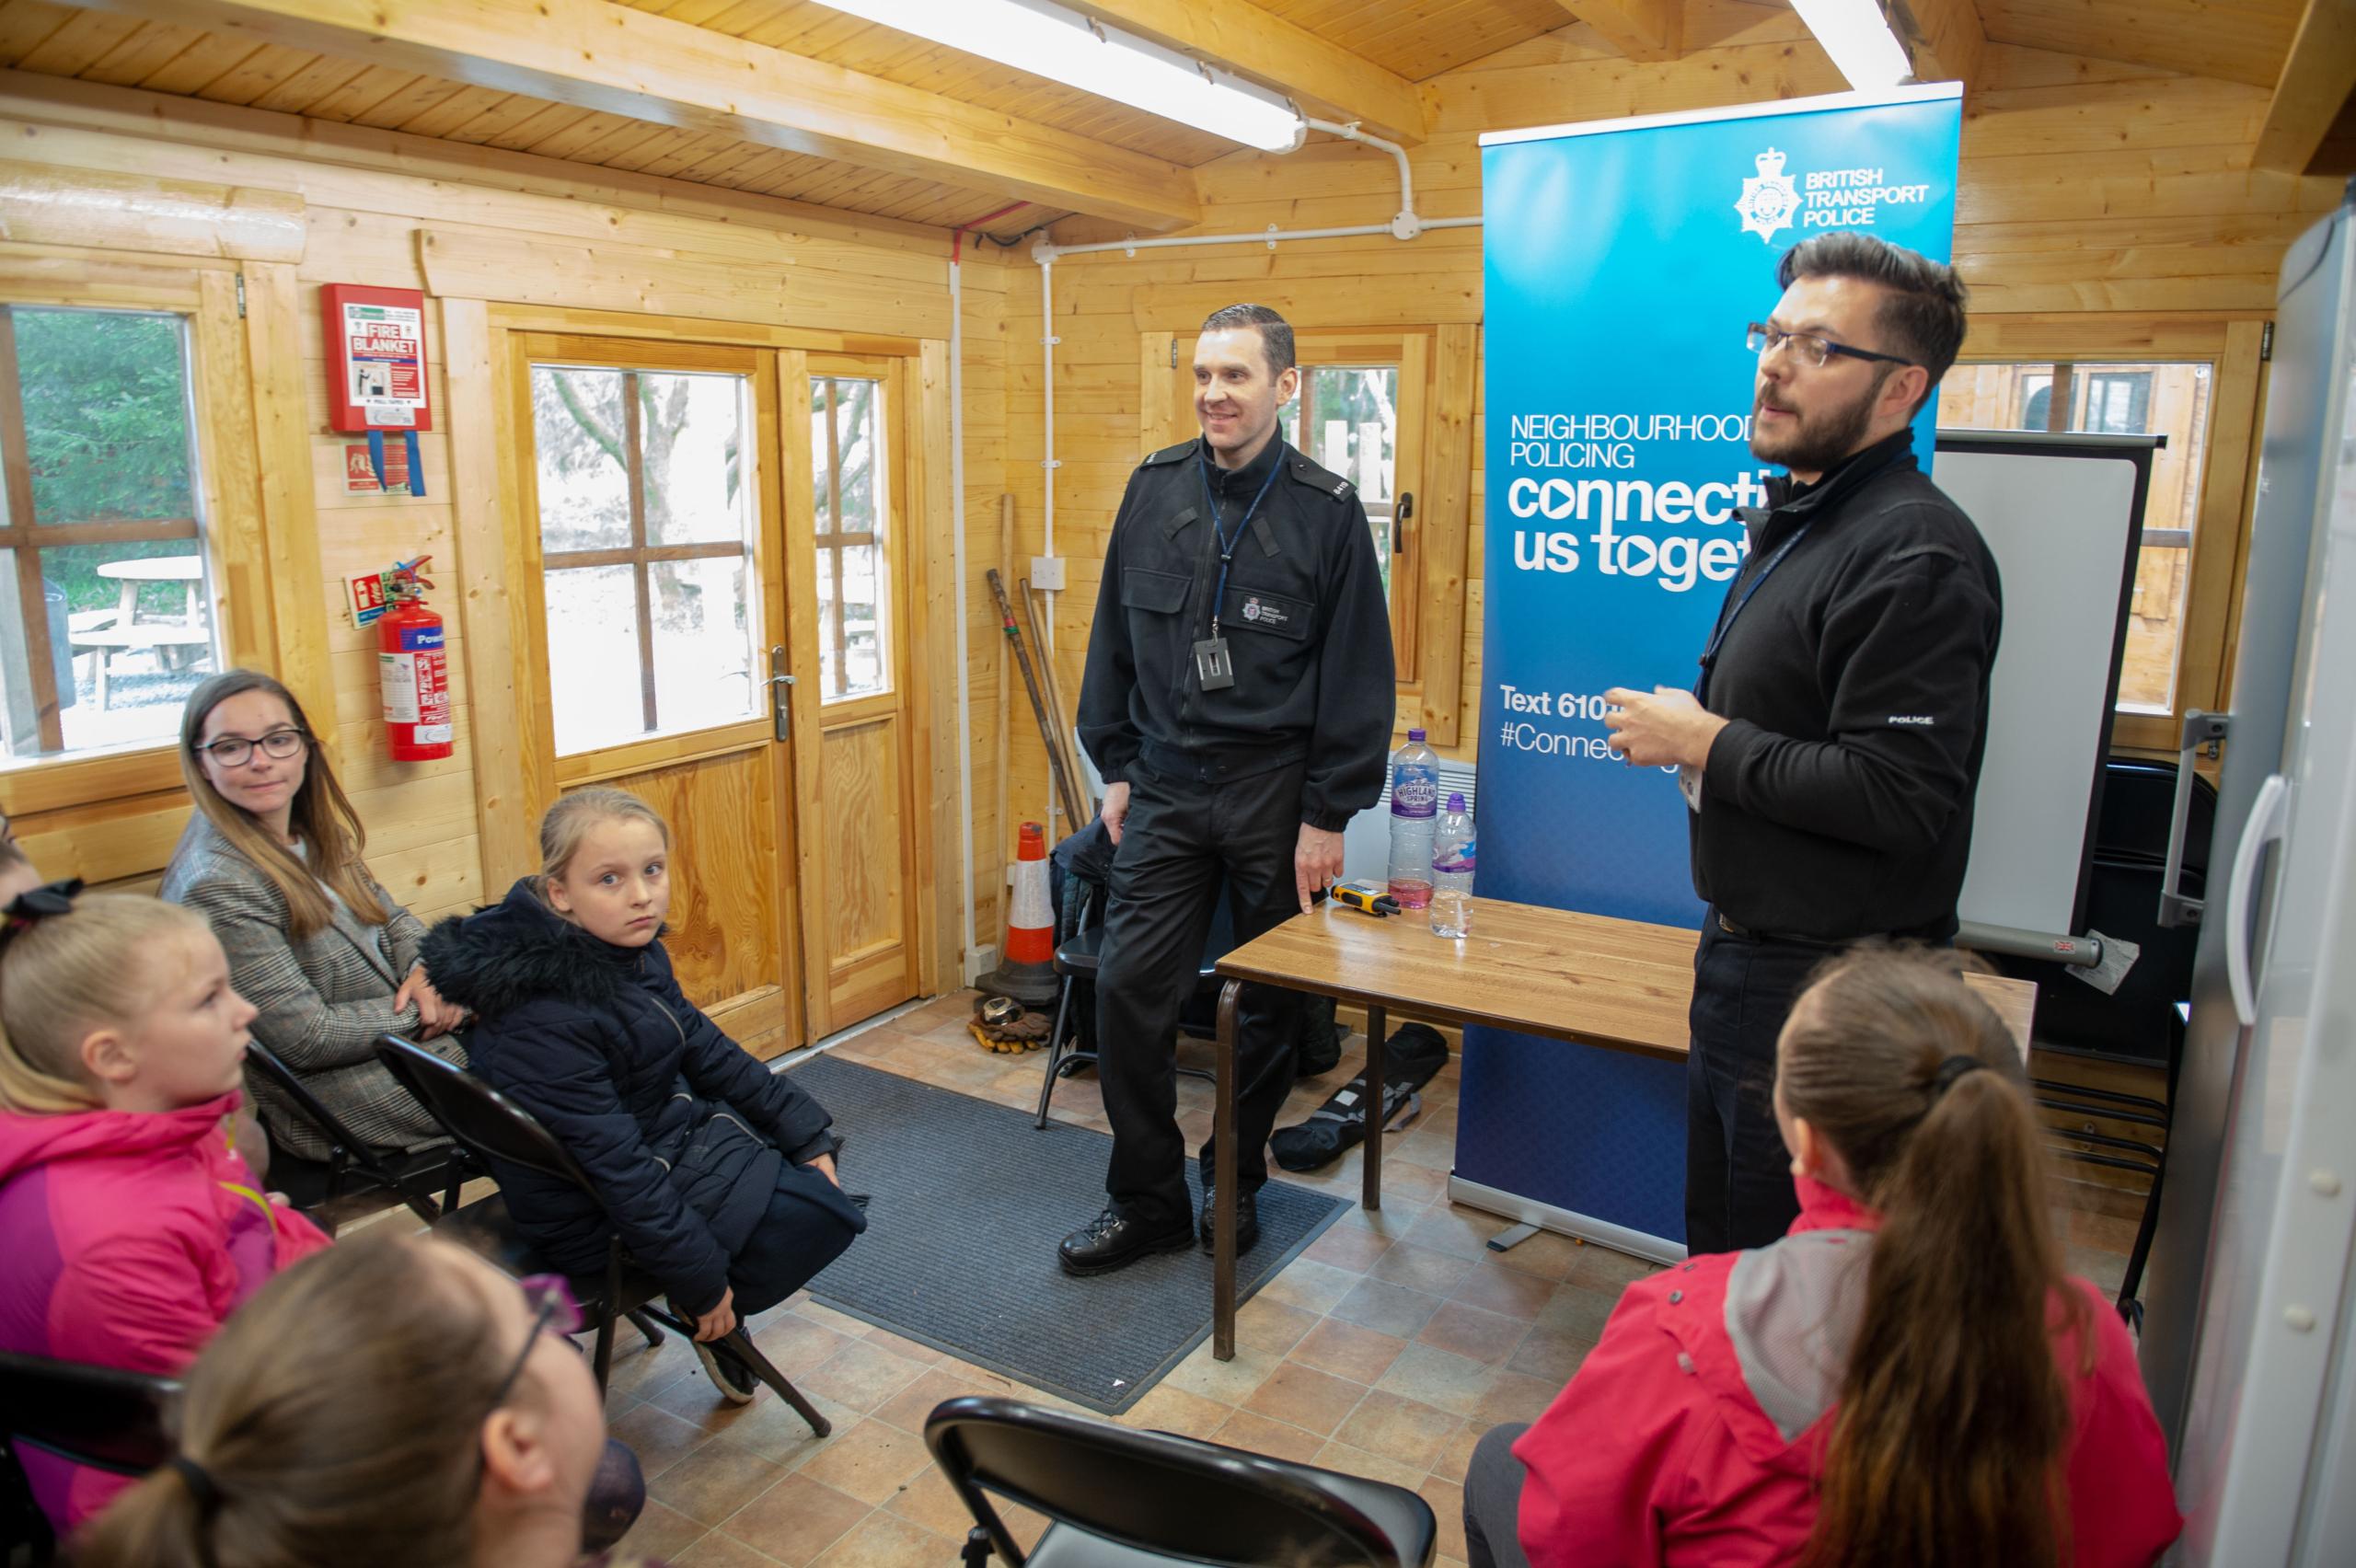 British Transport Police deliver their workshop